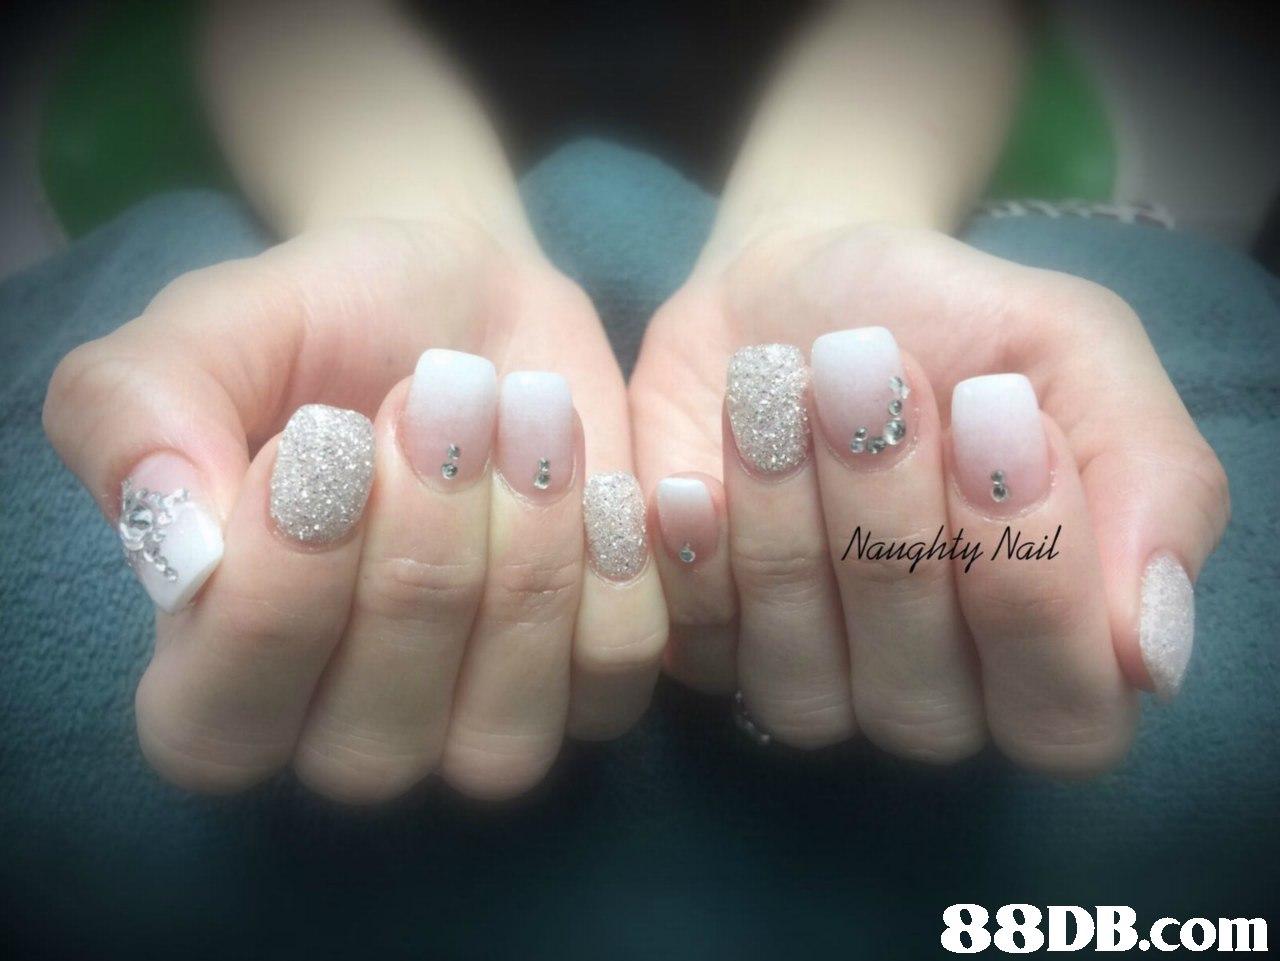 Nail   nail,finger,hand,nail care,manicure